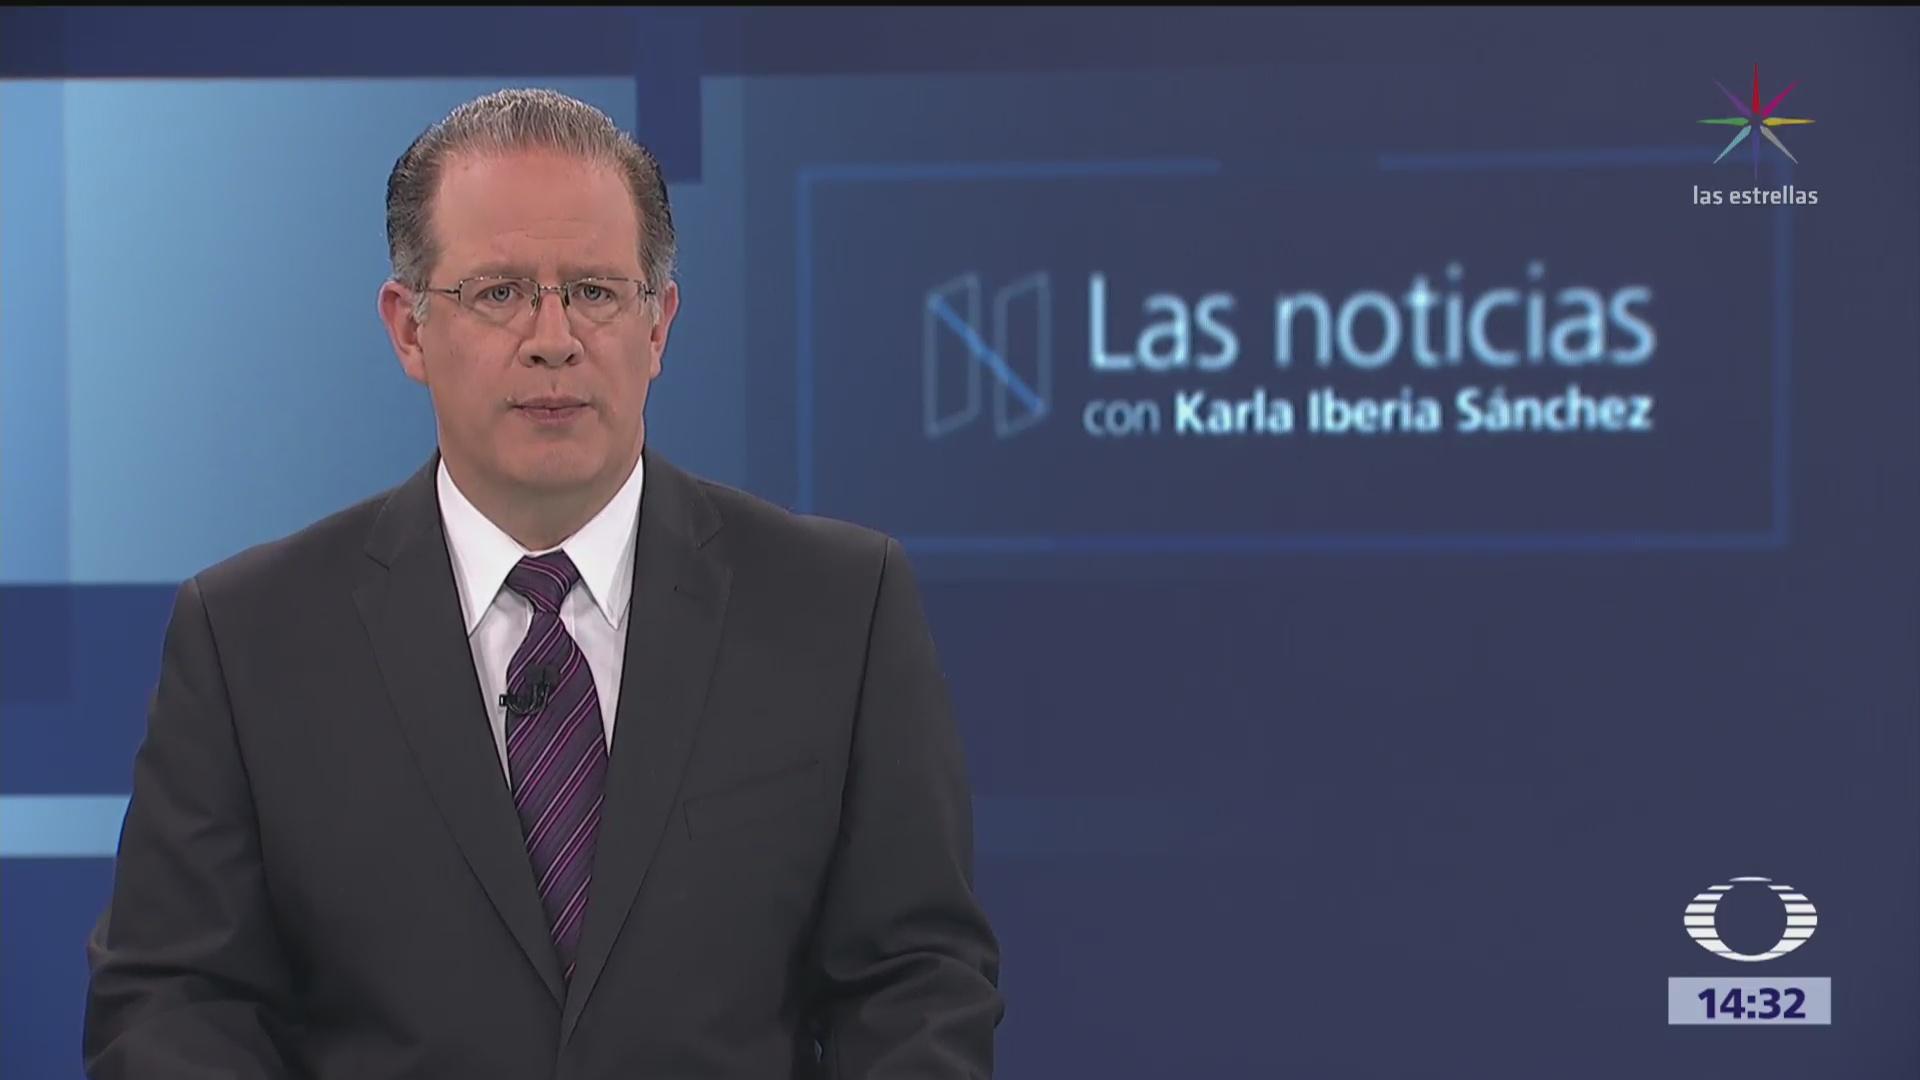 Las Noticias con Karla Iberia Programa del 26 de abril de 2018